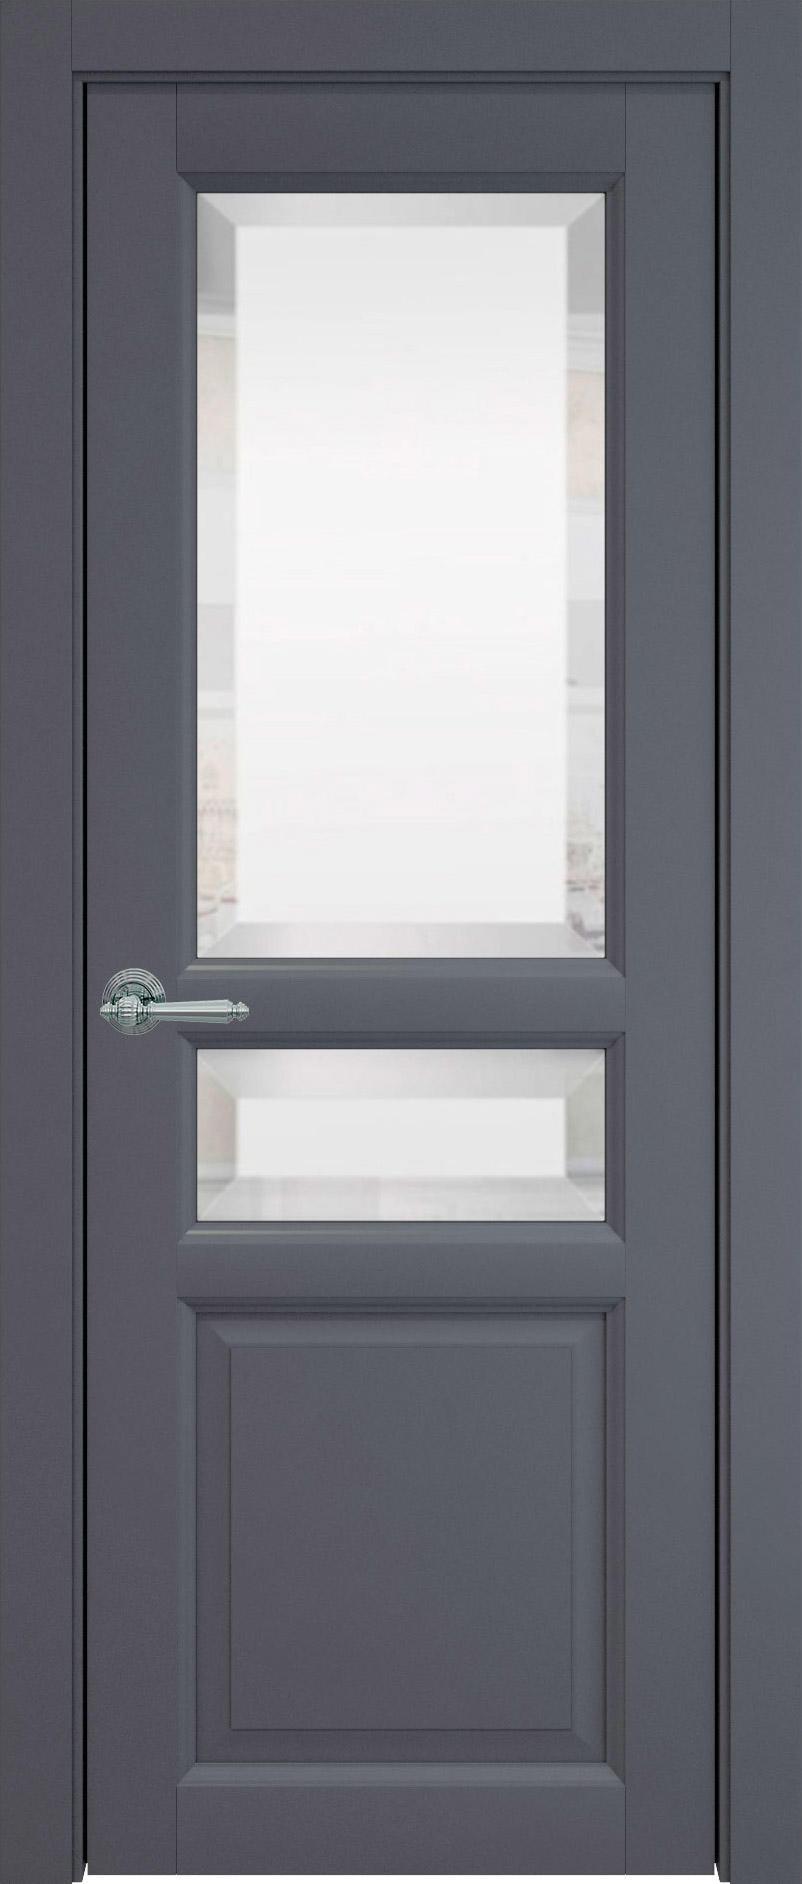 Imperia-R цвет - Графитово-серая эмаль (RAL 7024) Со стеклом (ДО)